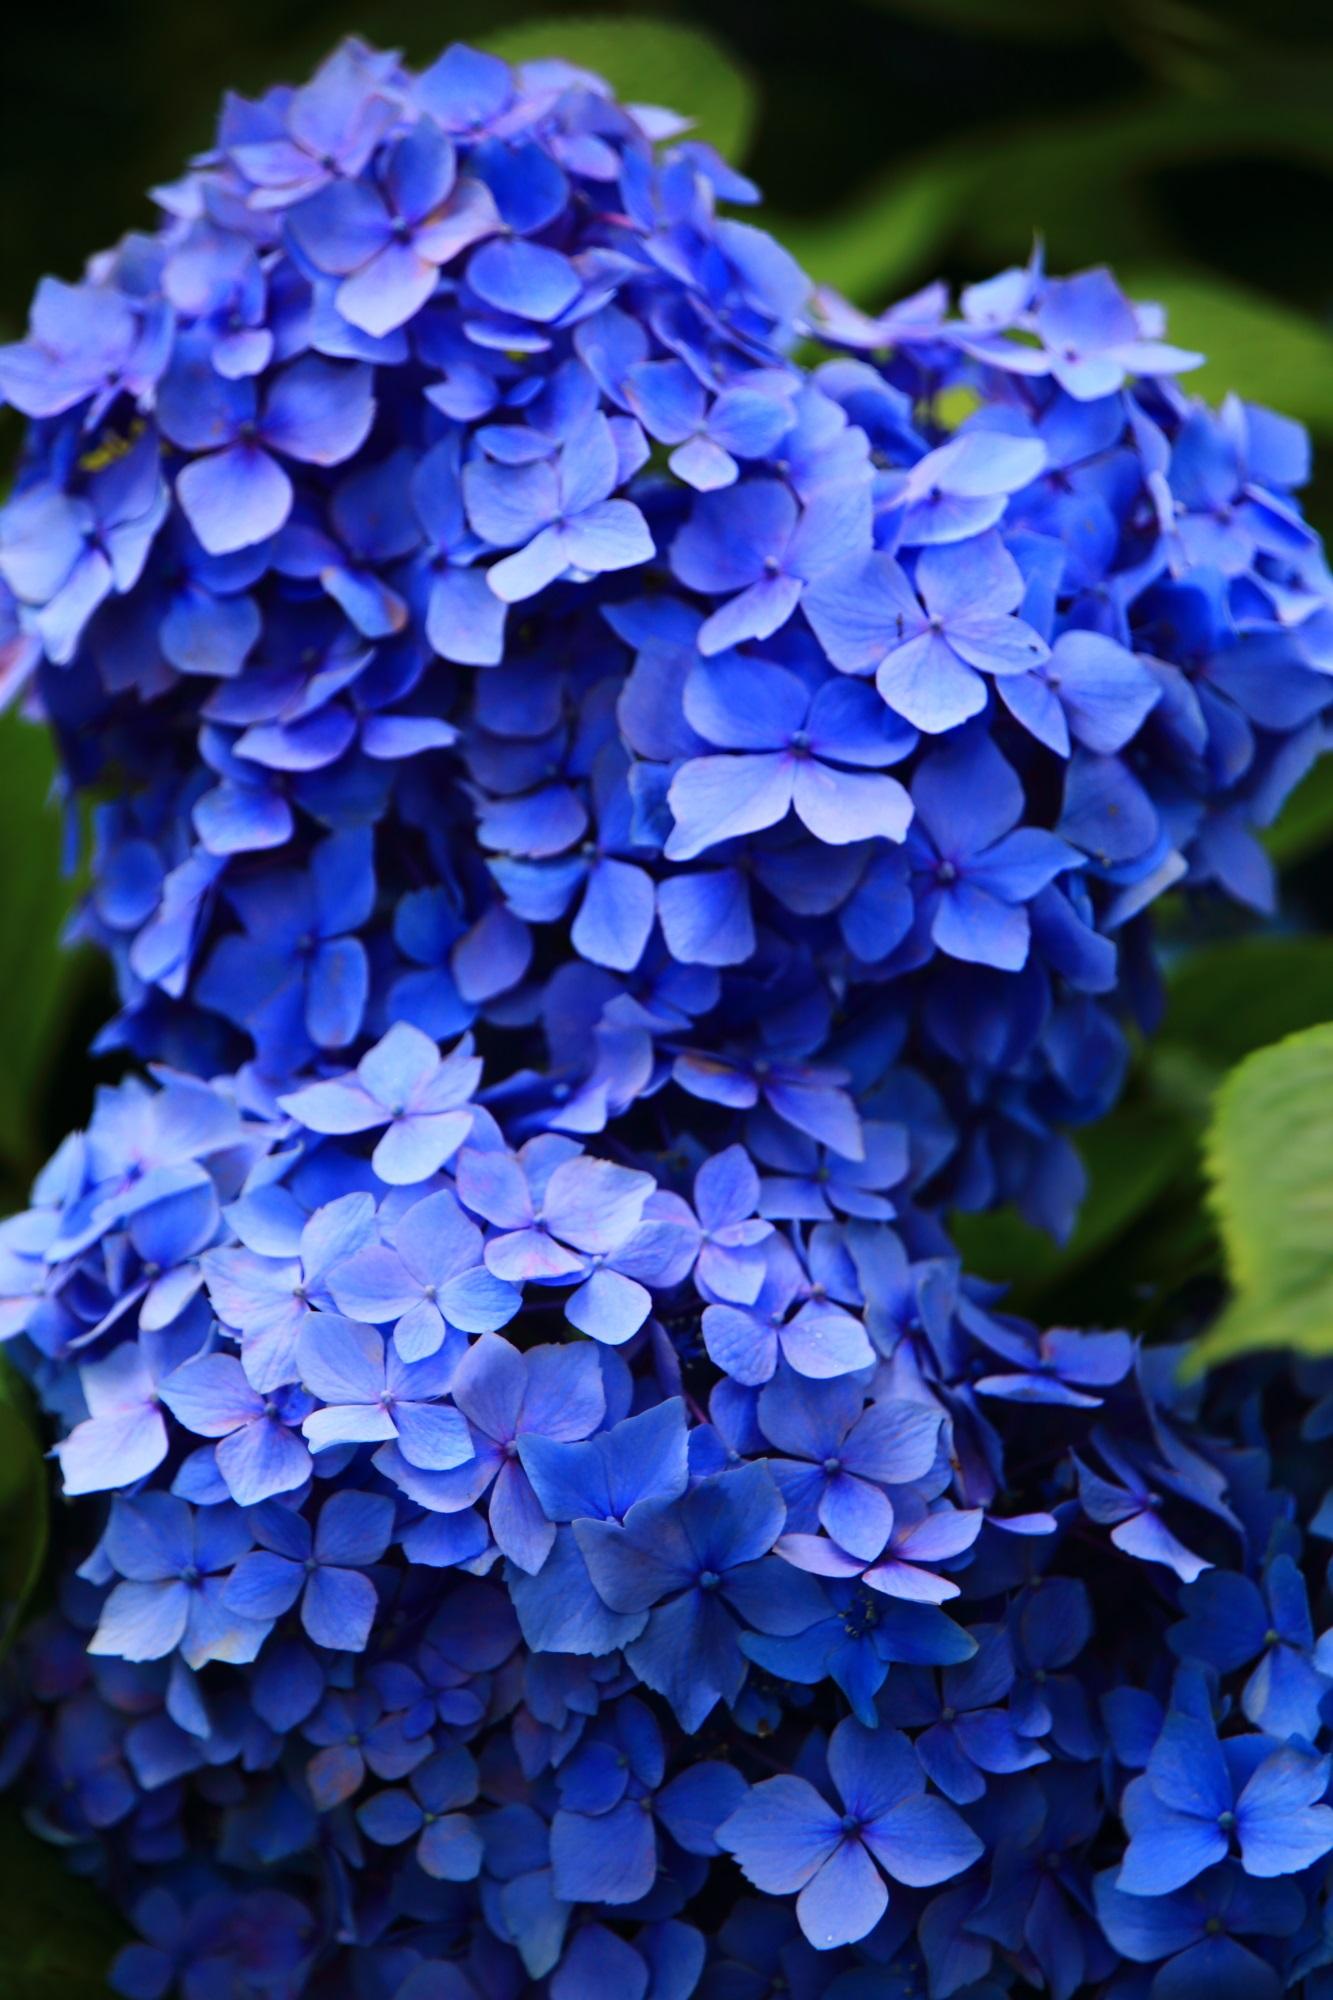 三室戸寺の花びらが溢れ出す絶品の紫陽花